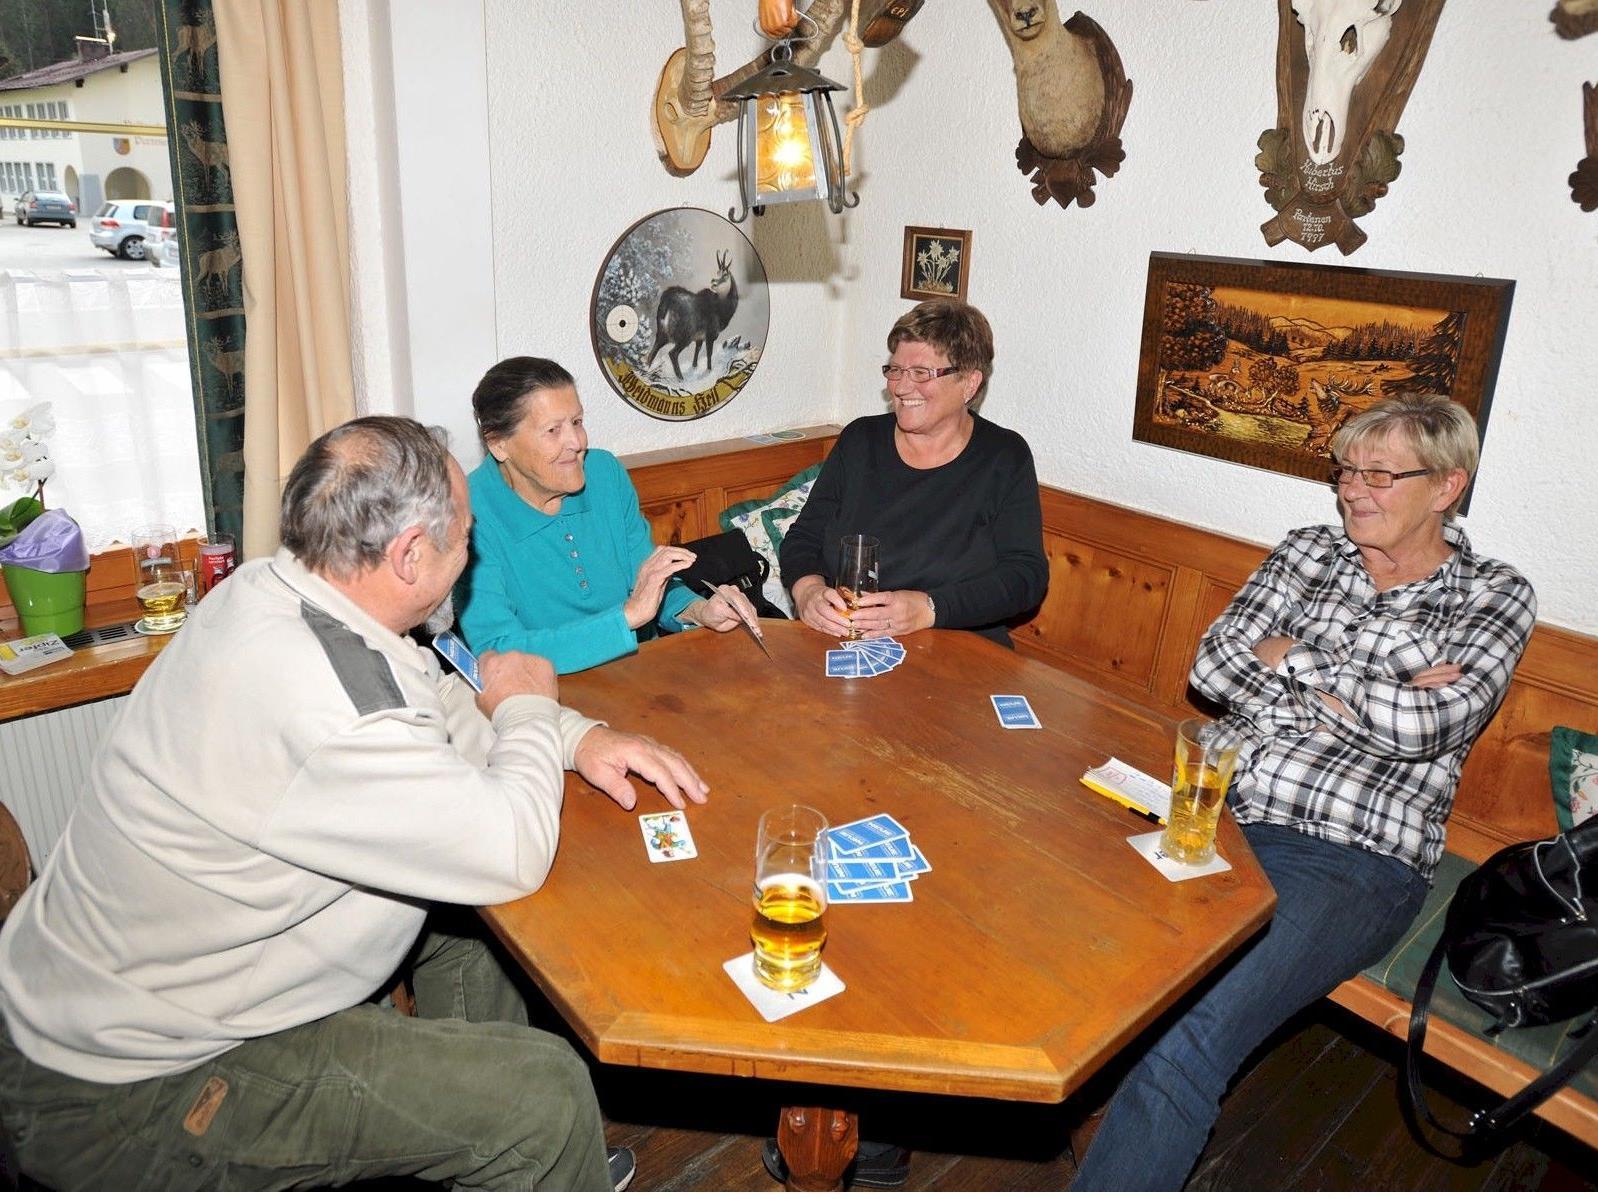 Das traditionelle Preisjassen im Partenerhof erfreut sich großer Beliebtheit.